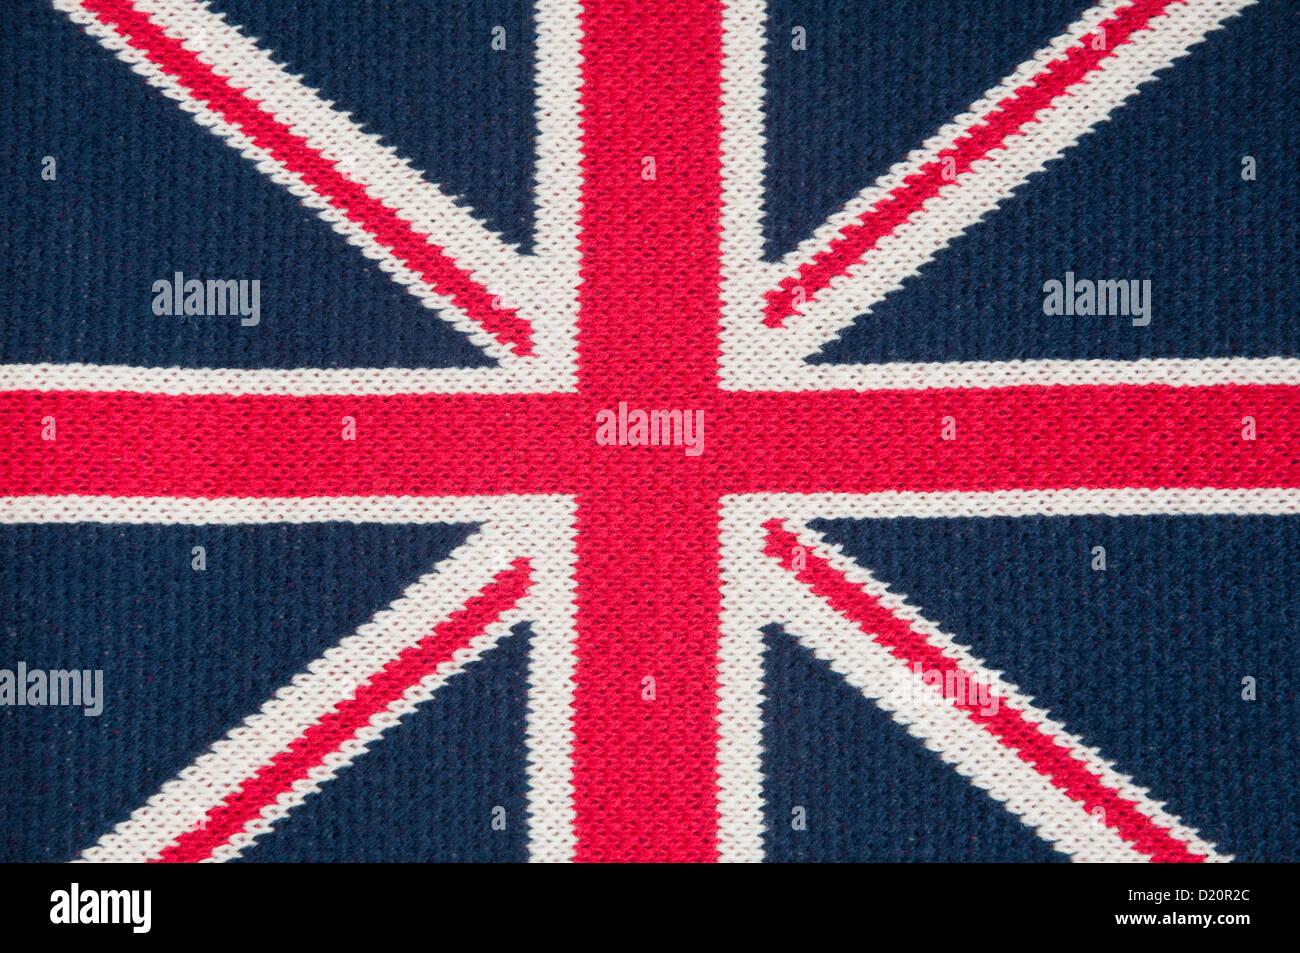 / Union Jack flag - Foulard en laine tricoté machine. Photo Stock